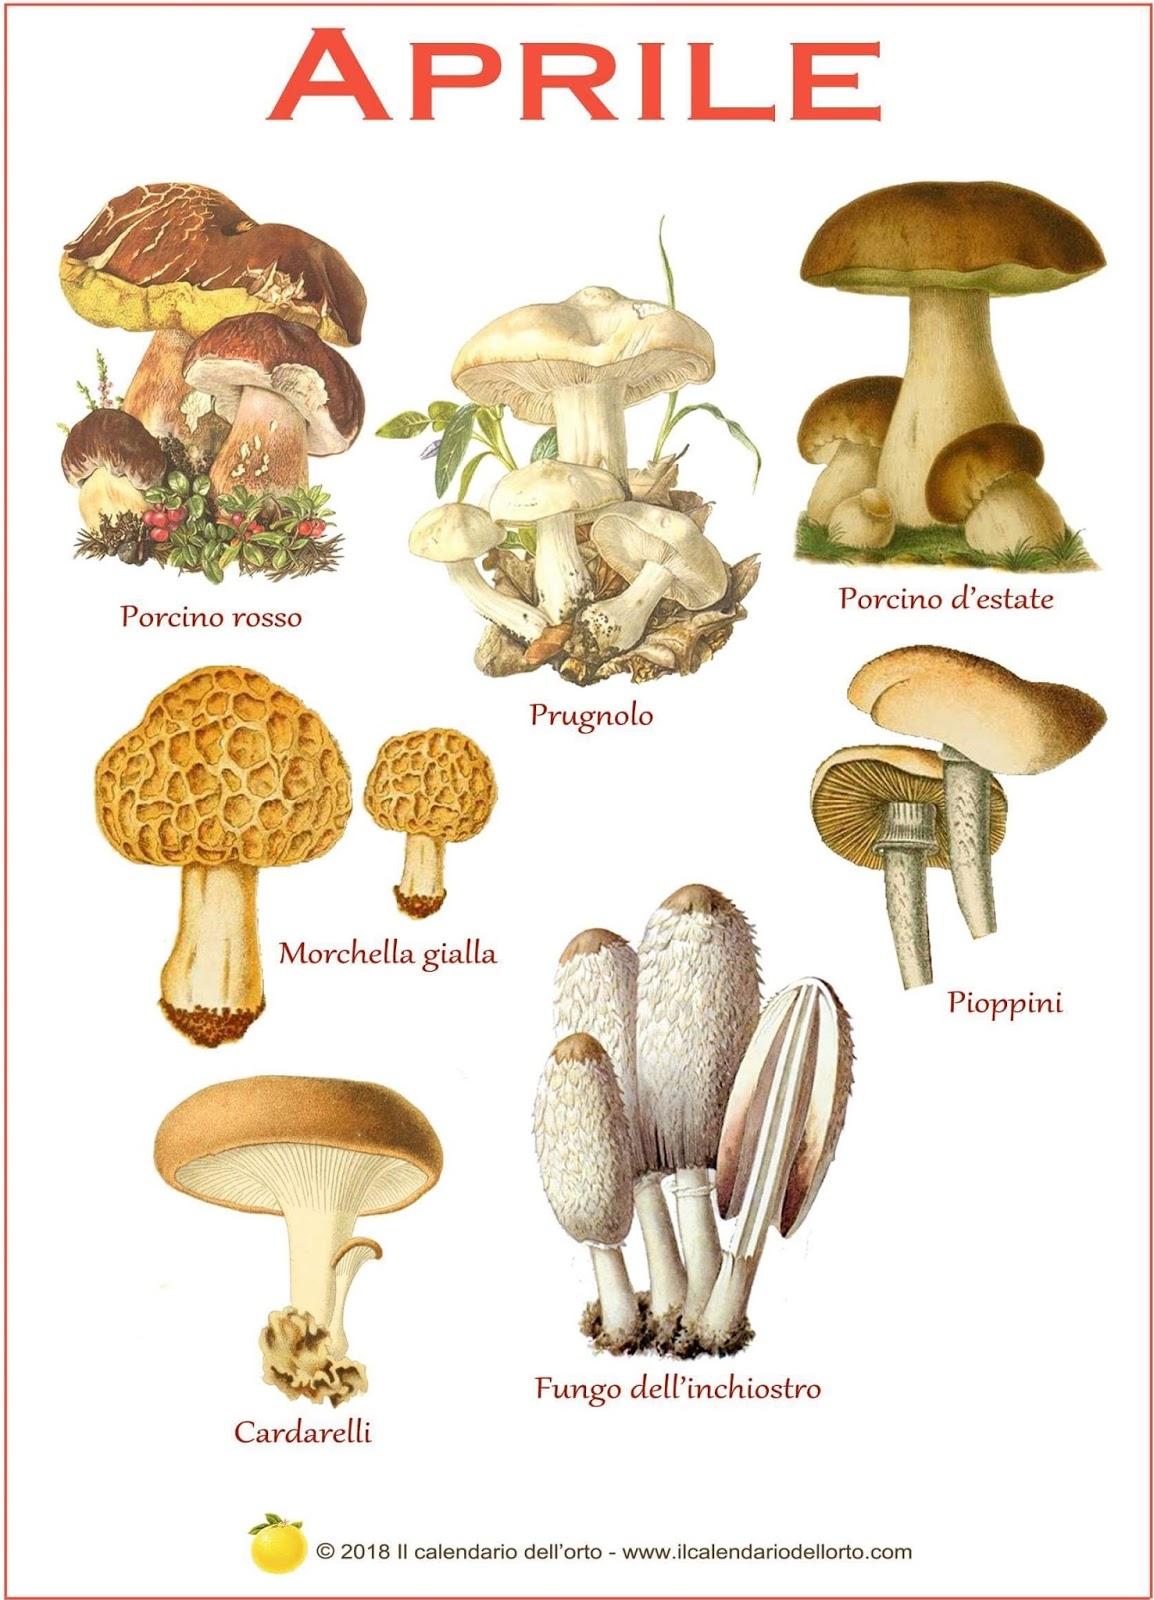 funghi che si trovano in aprile